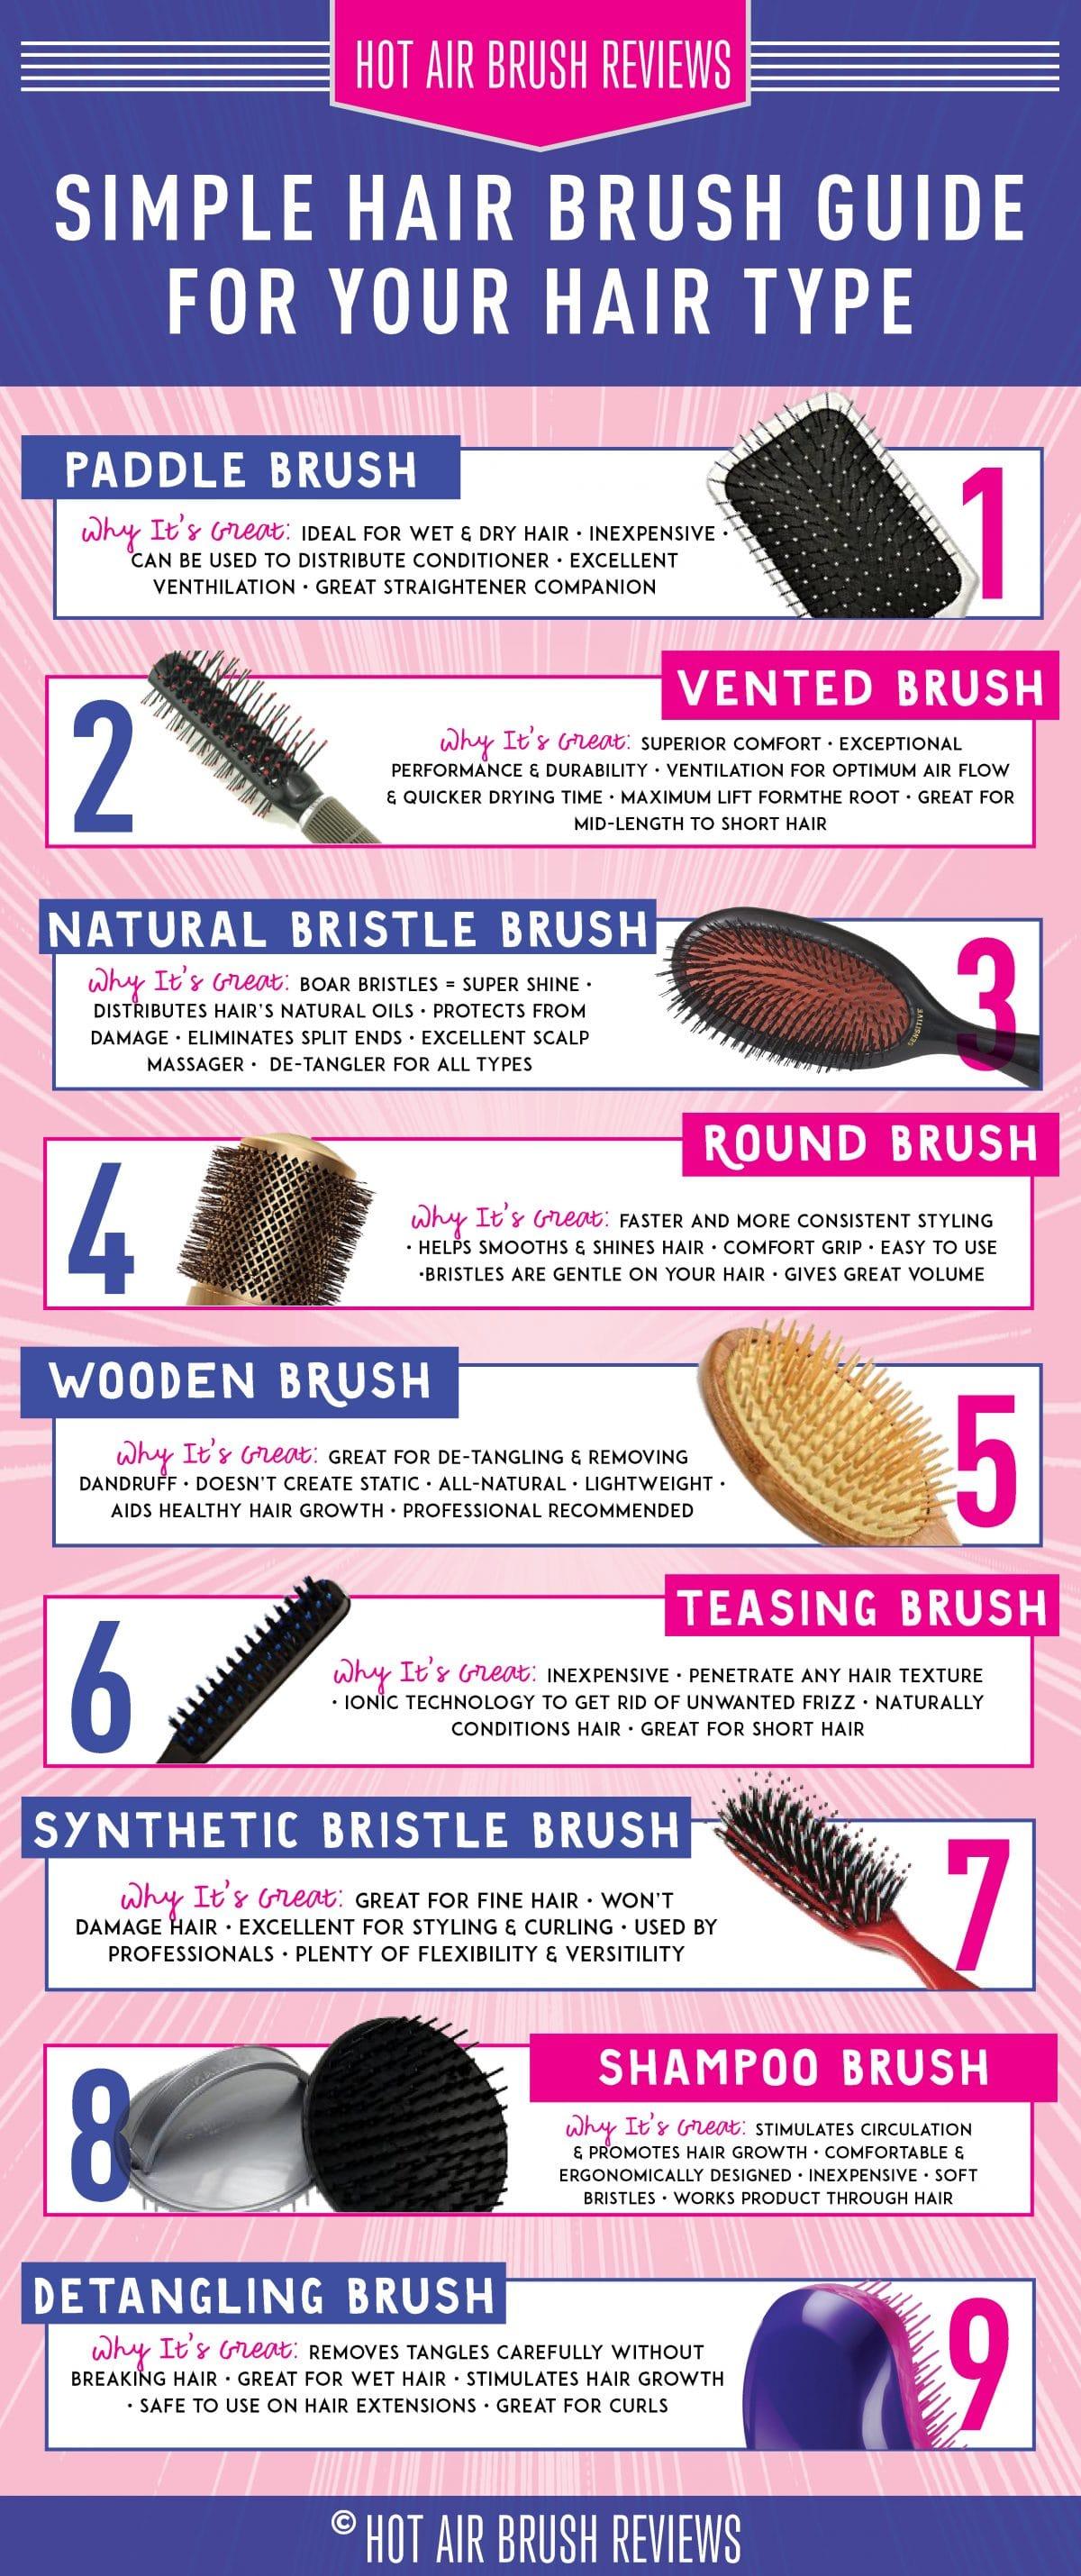 Best Hair Brush for your hair type #hair #hairtutorials #haircare #guide #hairtips #hairtalk #hairtrend #hairaccessories #hairhowto #hairideas #hairproducts #hairtutorial #hairtrend